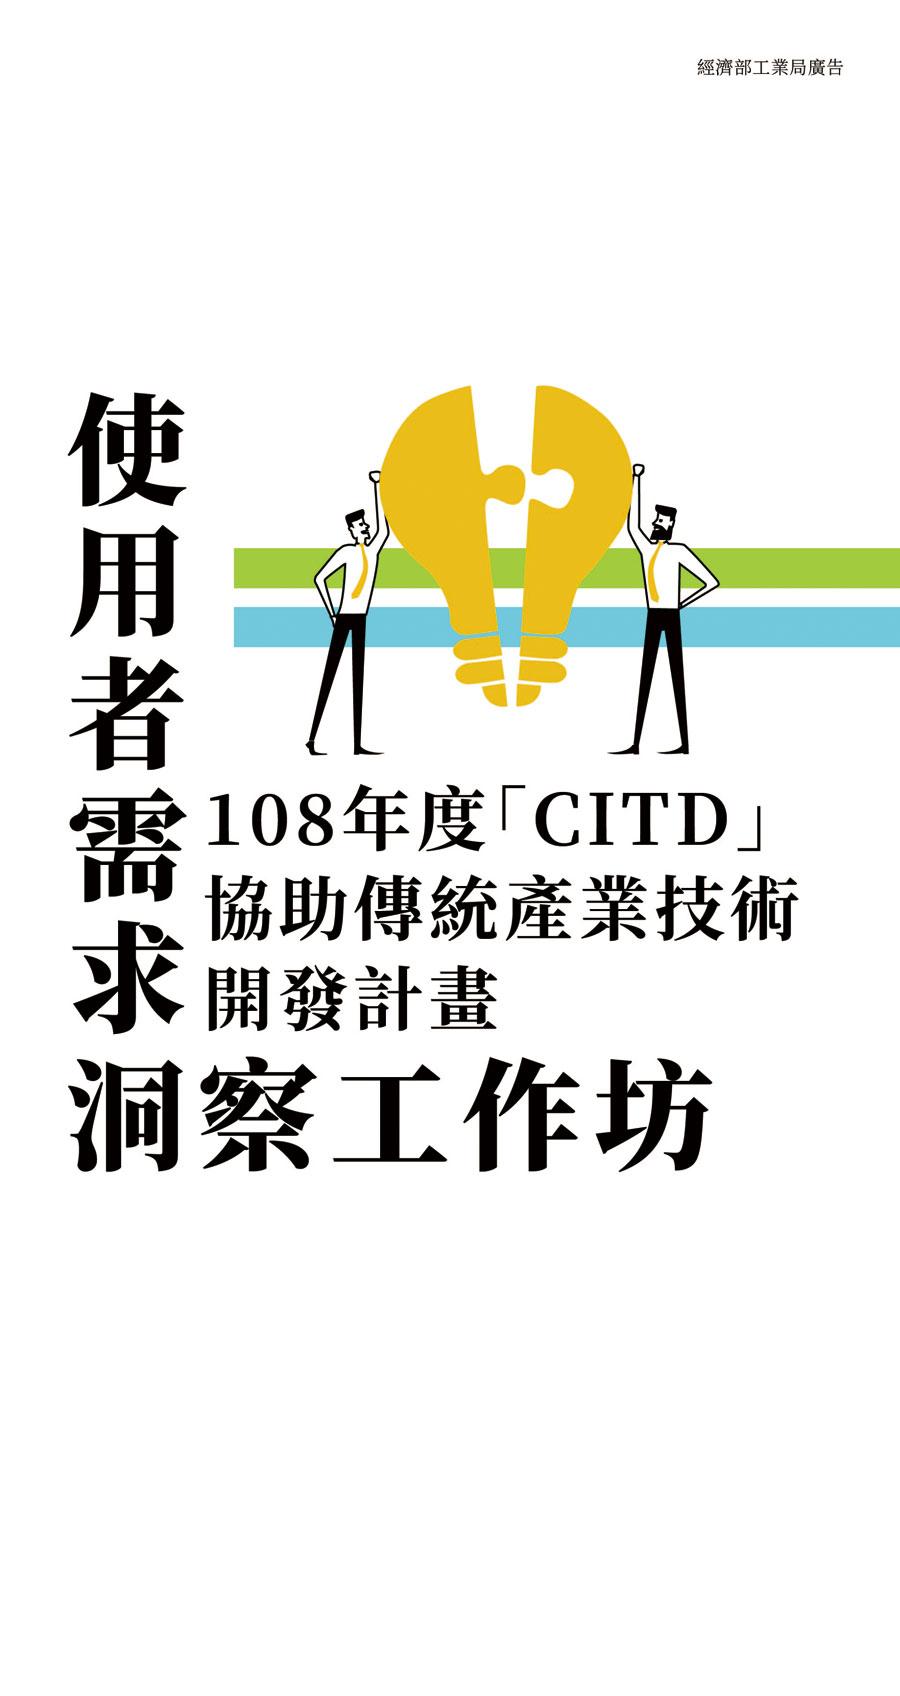 108年度CITD協助傳統產業技術開發計畫-使用者需求洞察工作坊